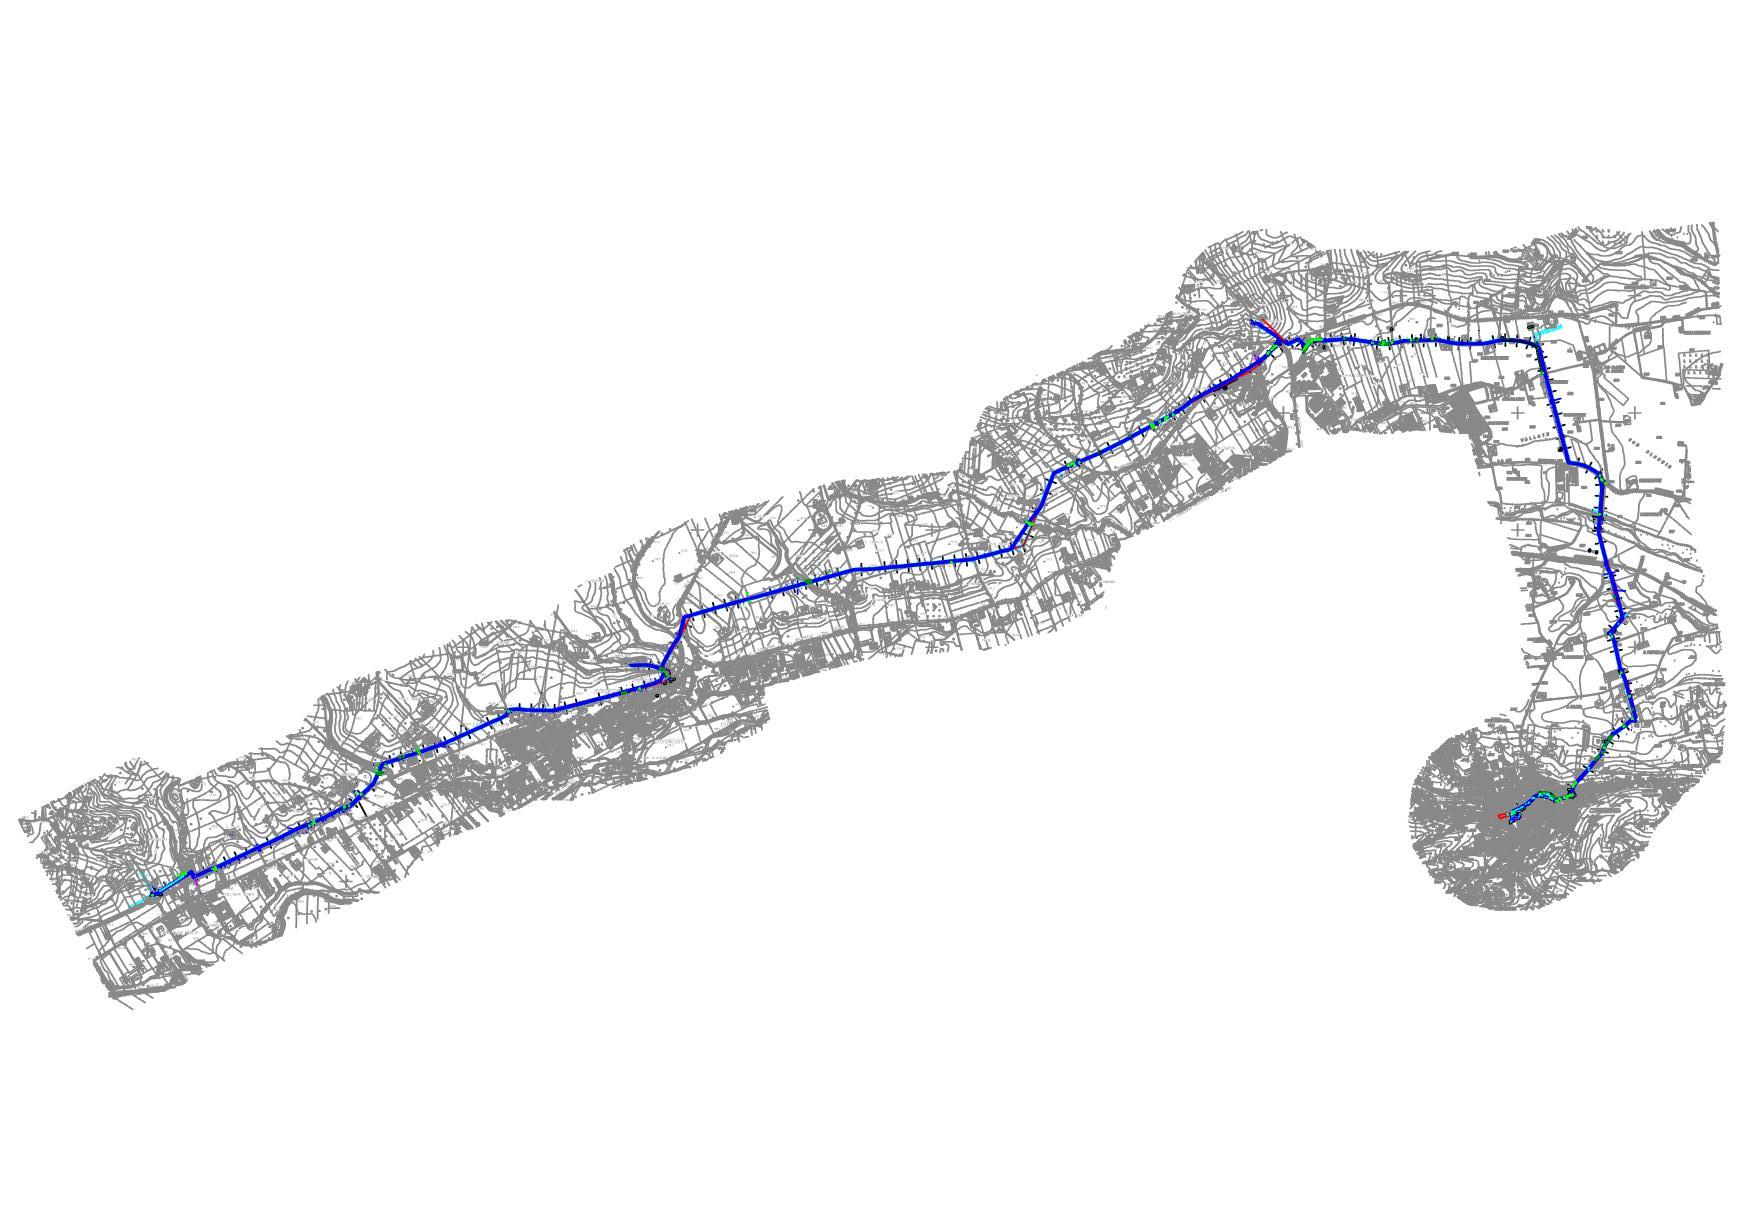 Rilievo topografico per progetto di una linea acqua